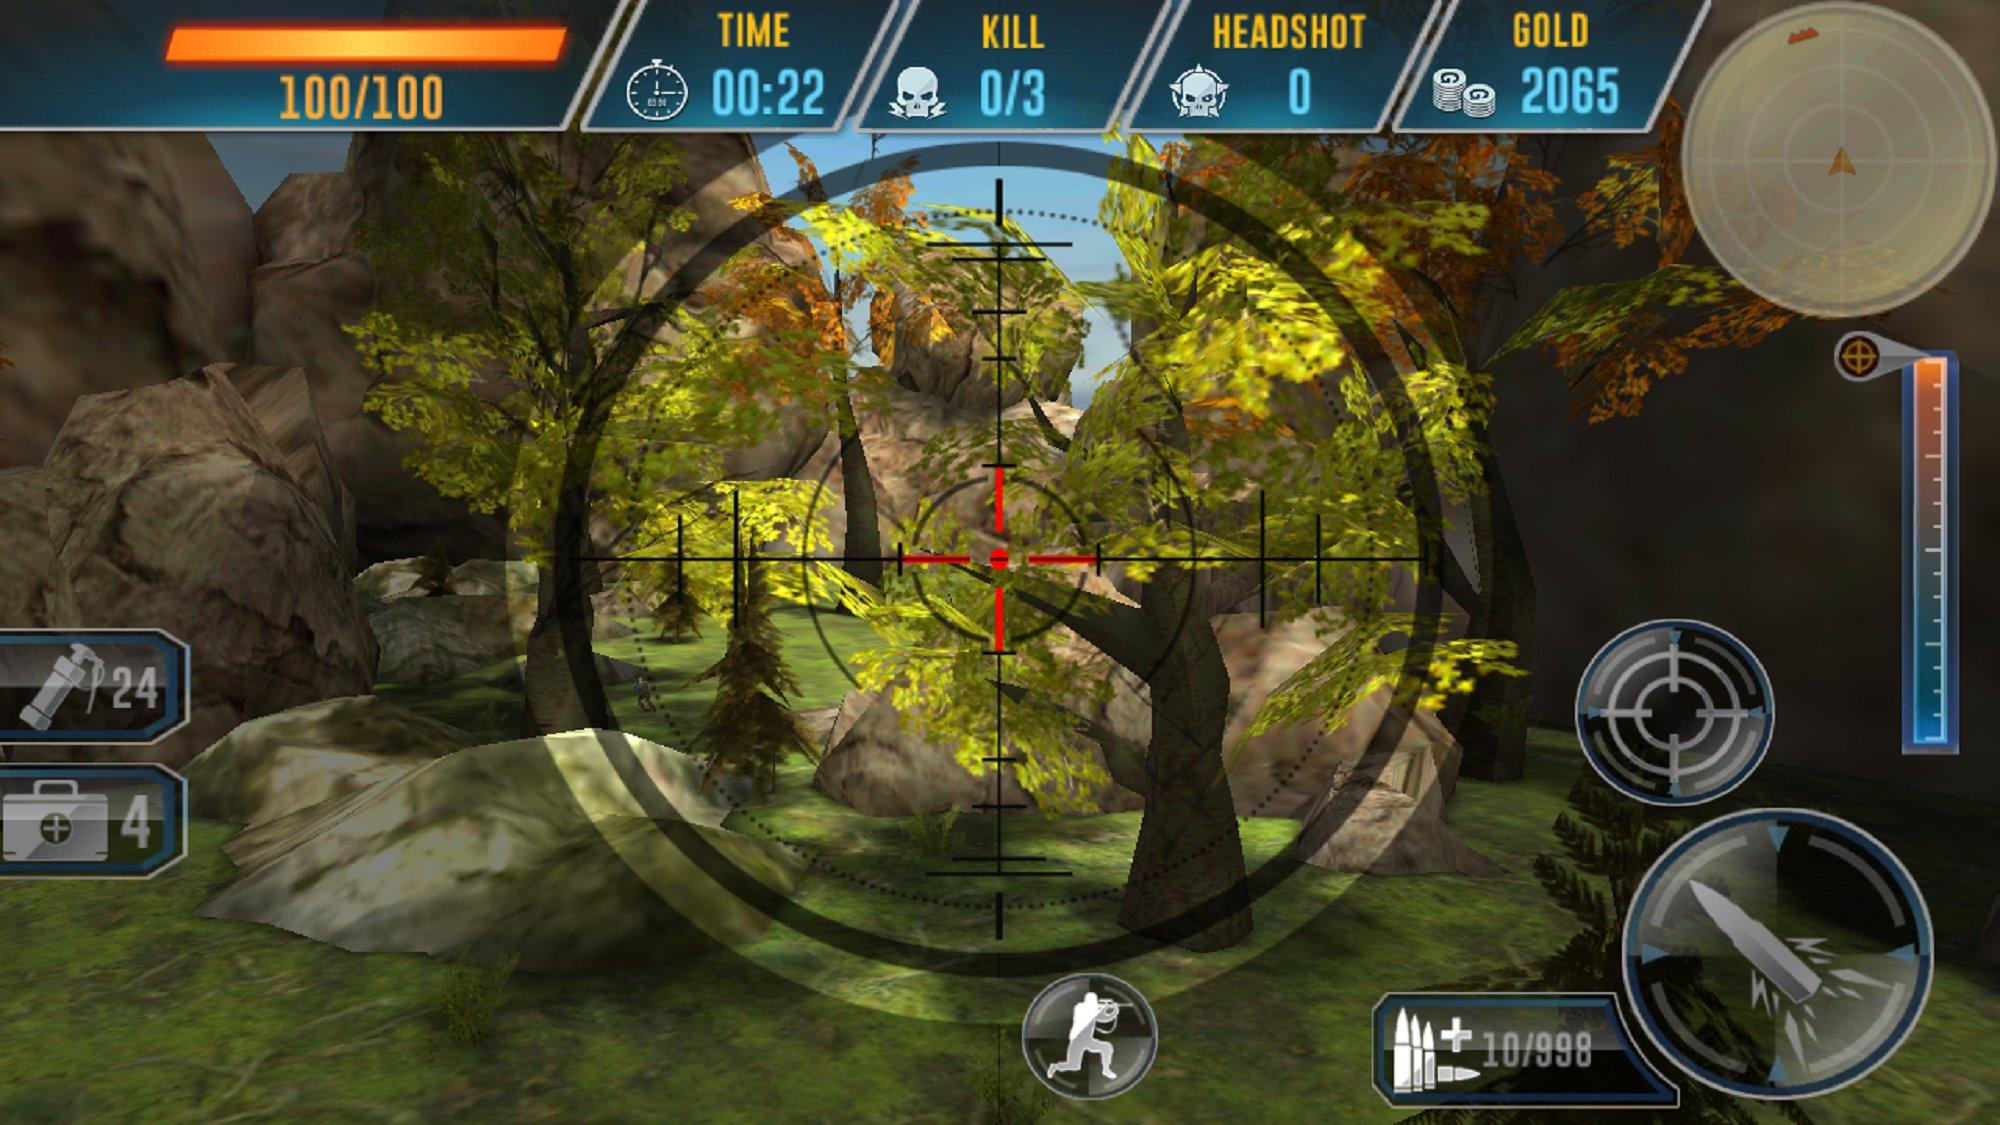 狙击手射杀恐怖分子 v1.0.1图